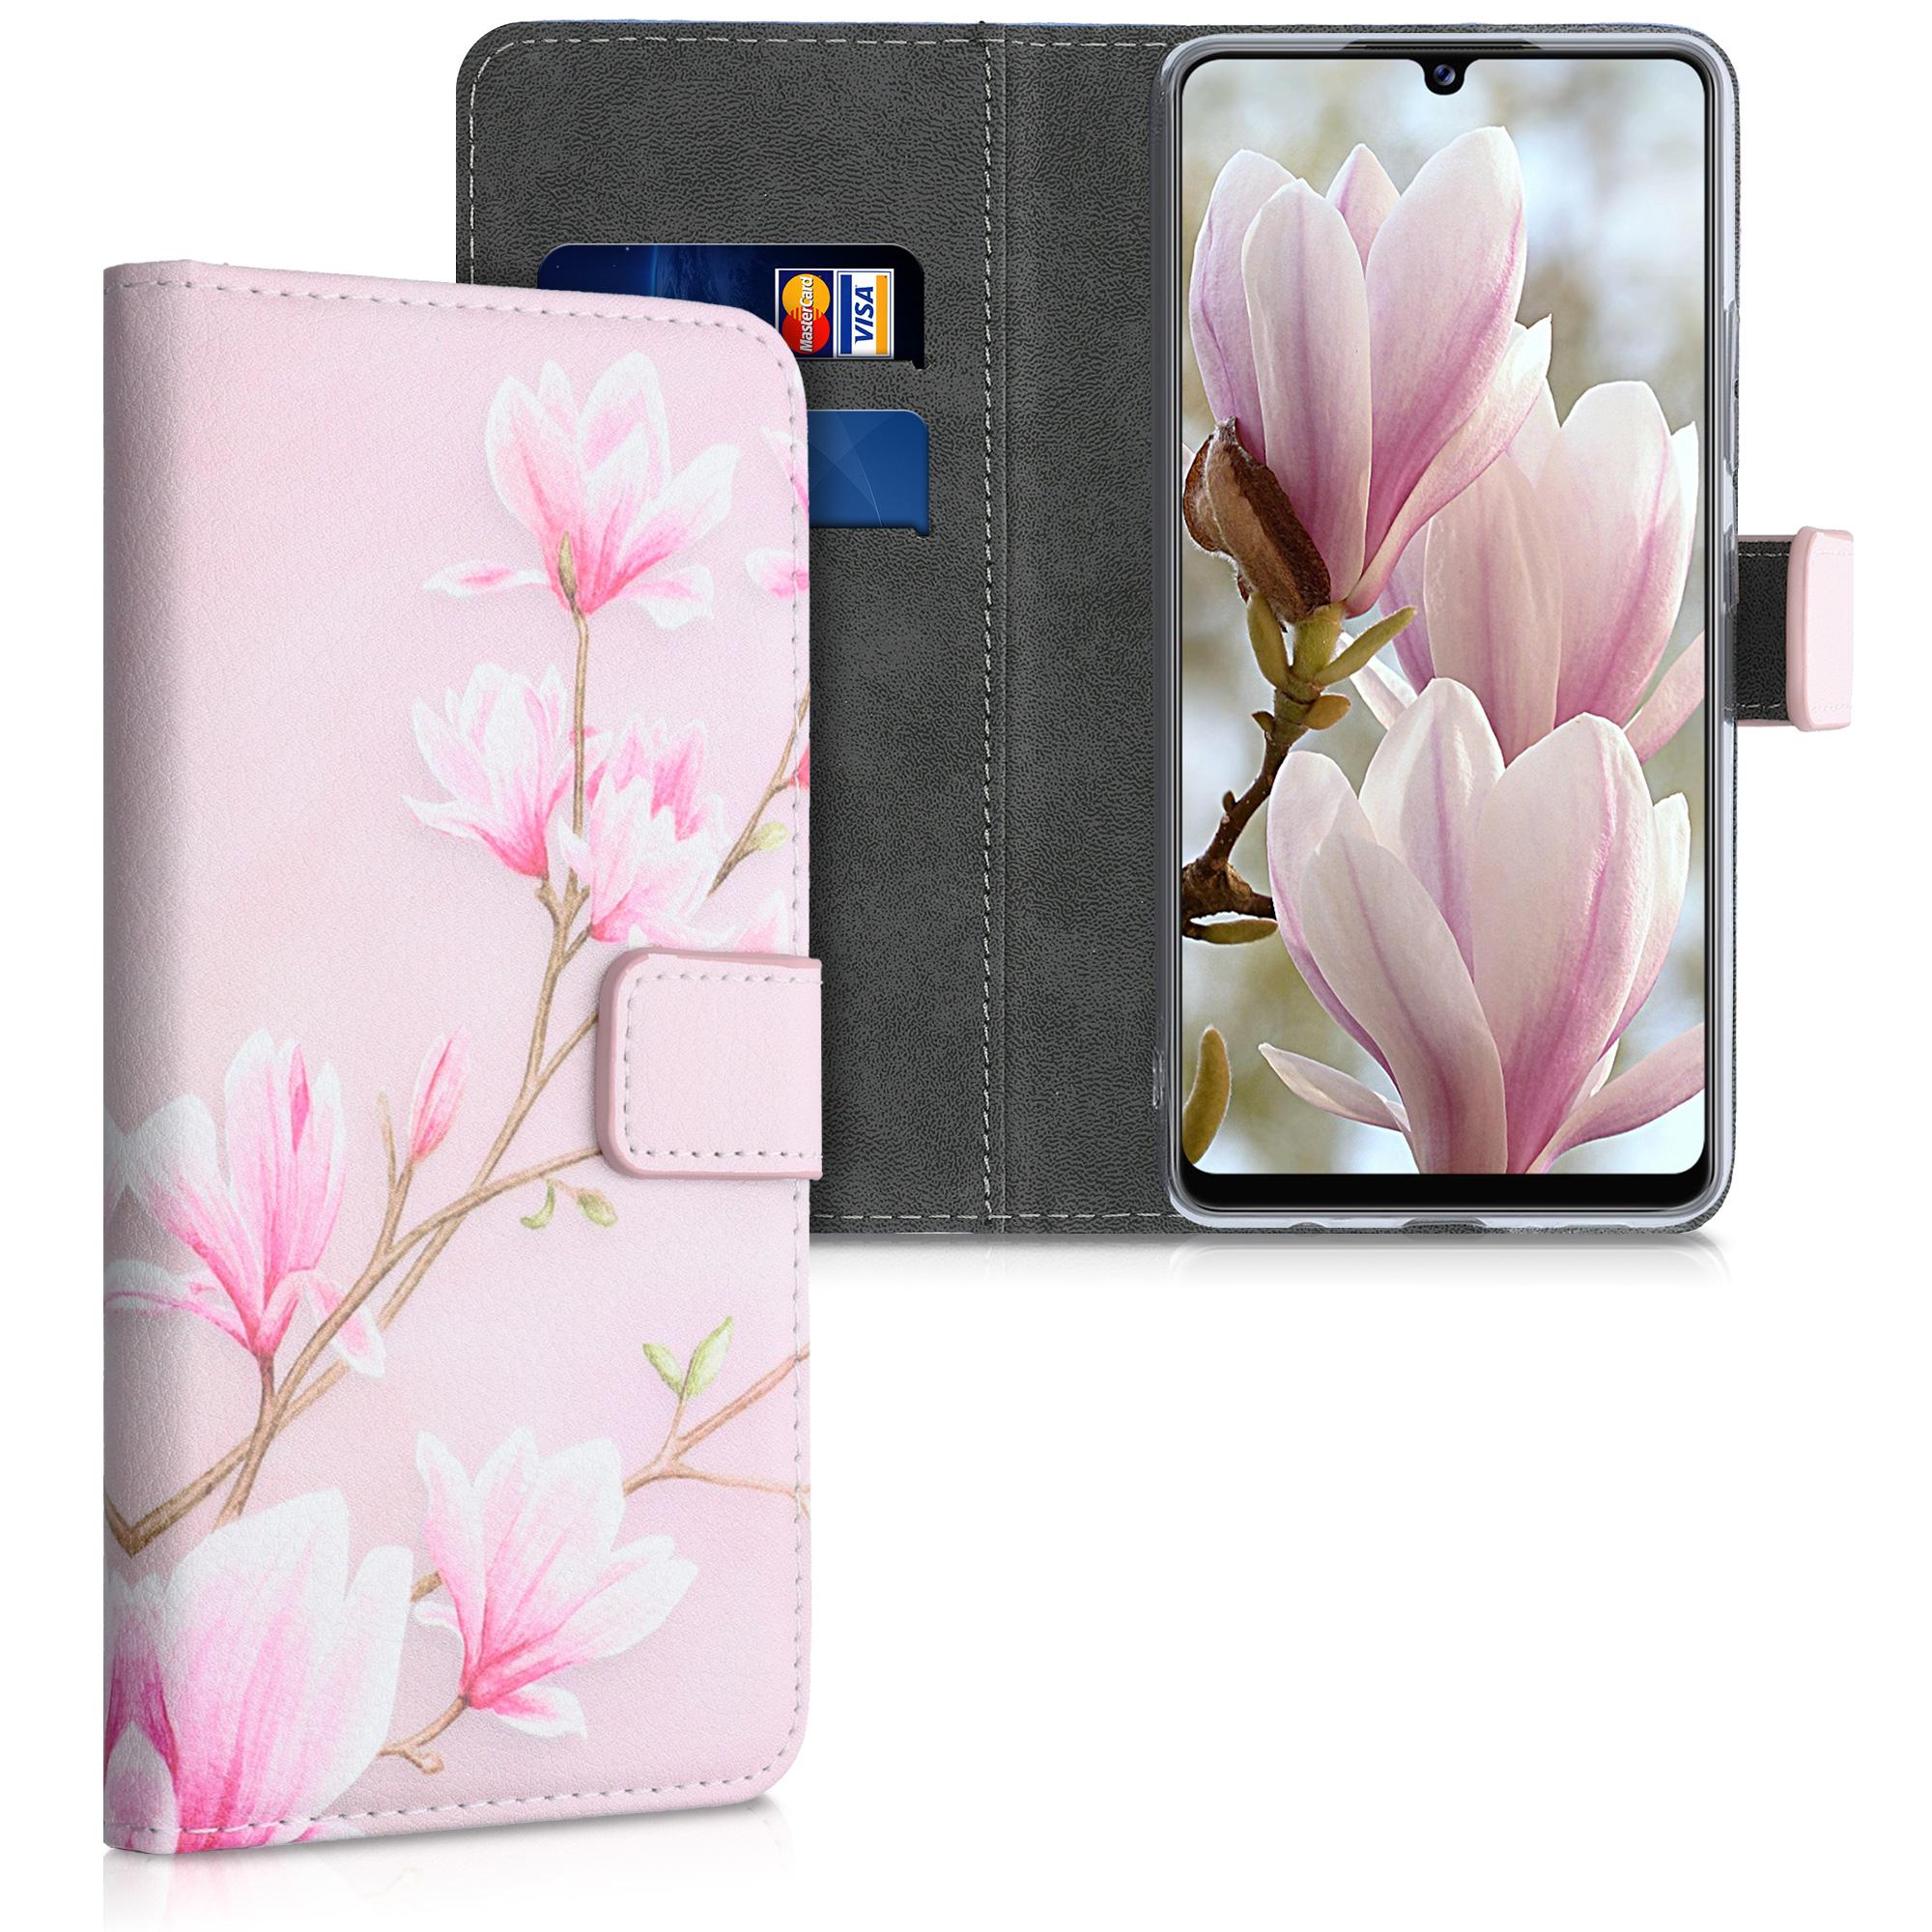 Kožené pouzdro pro Samsung A42 5G - Magnolie Pink / White / Pink Dusty